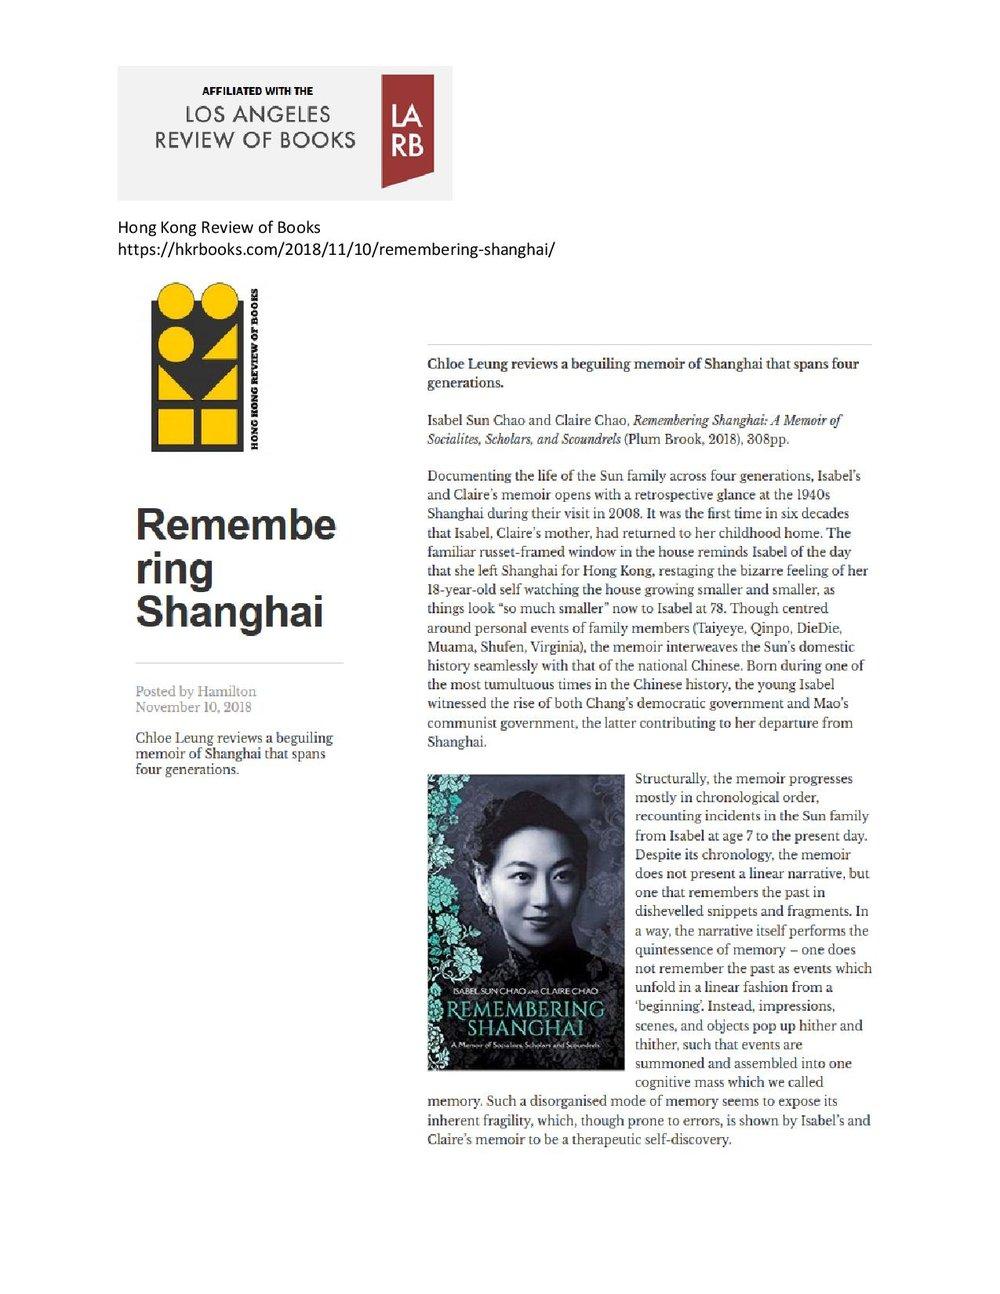 Hong Kong Review of Books,  November 2018